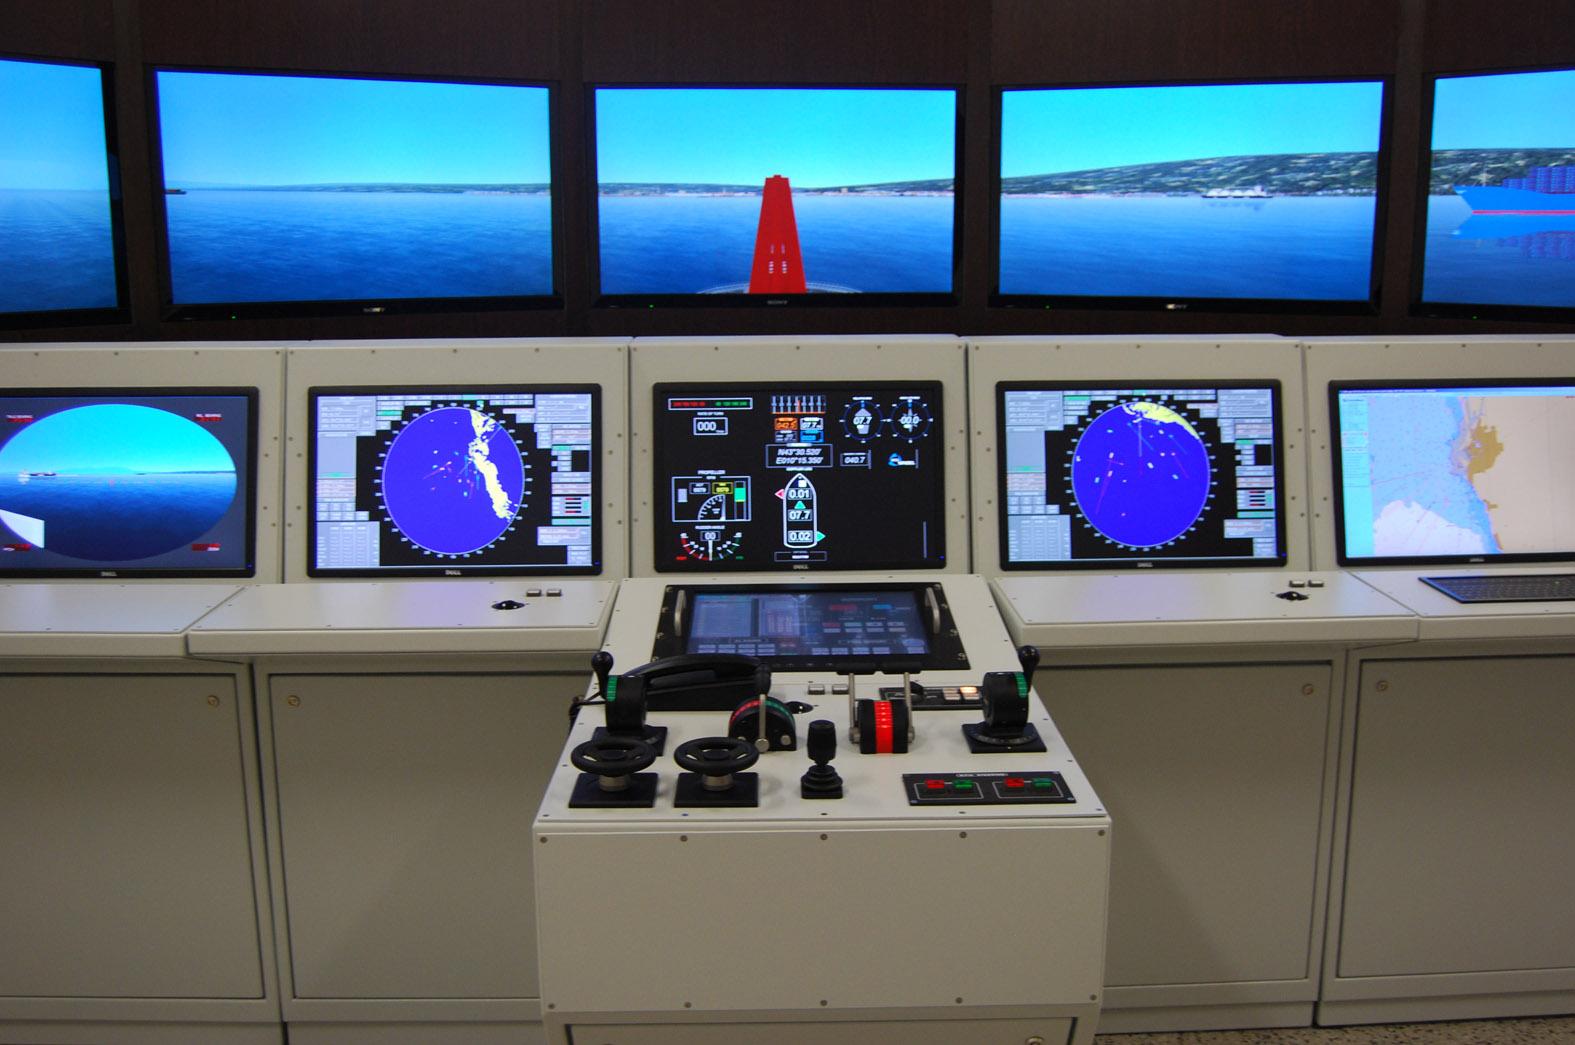 Inaugurato ad ancona il laboratorio di simulazione navale for Simulatore di costruzione di case online